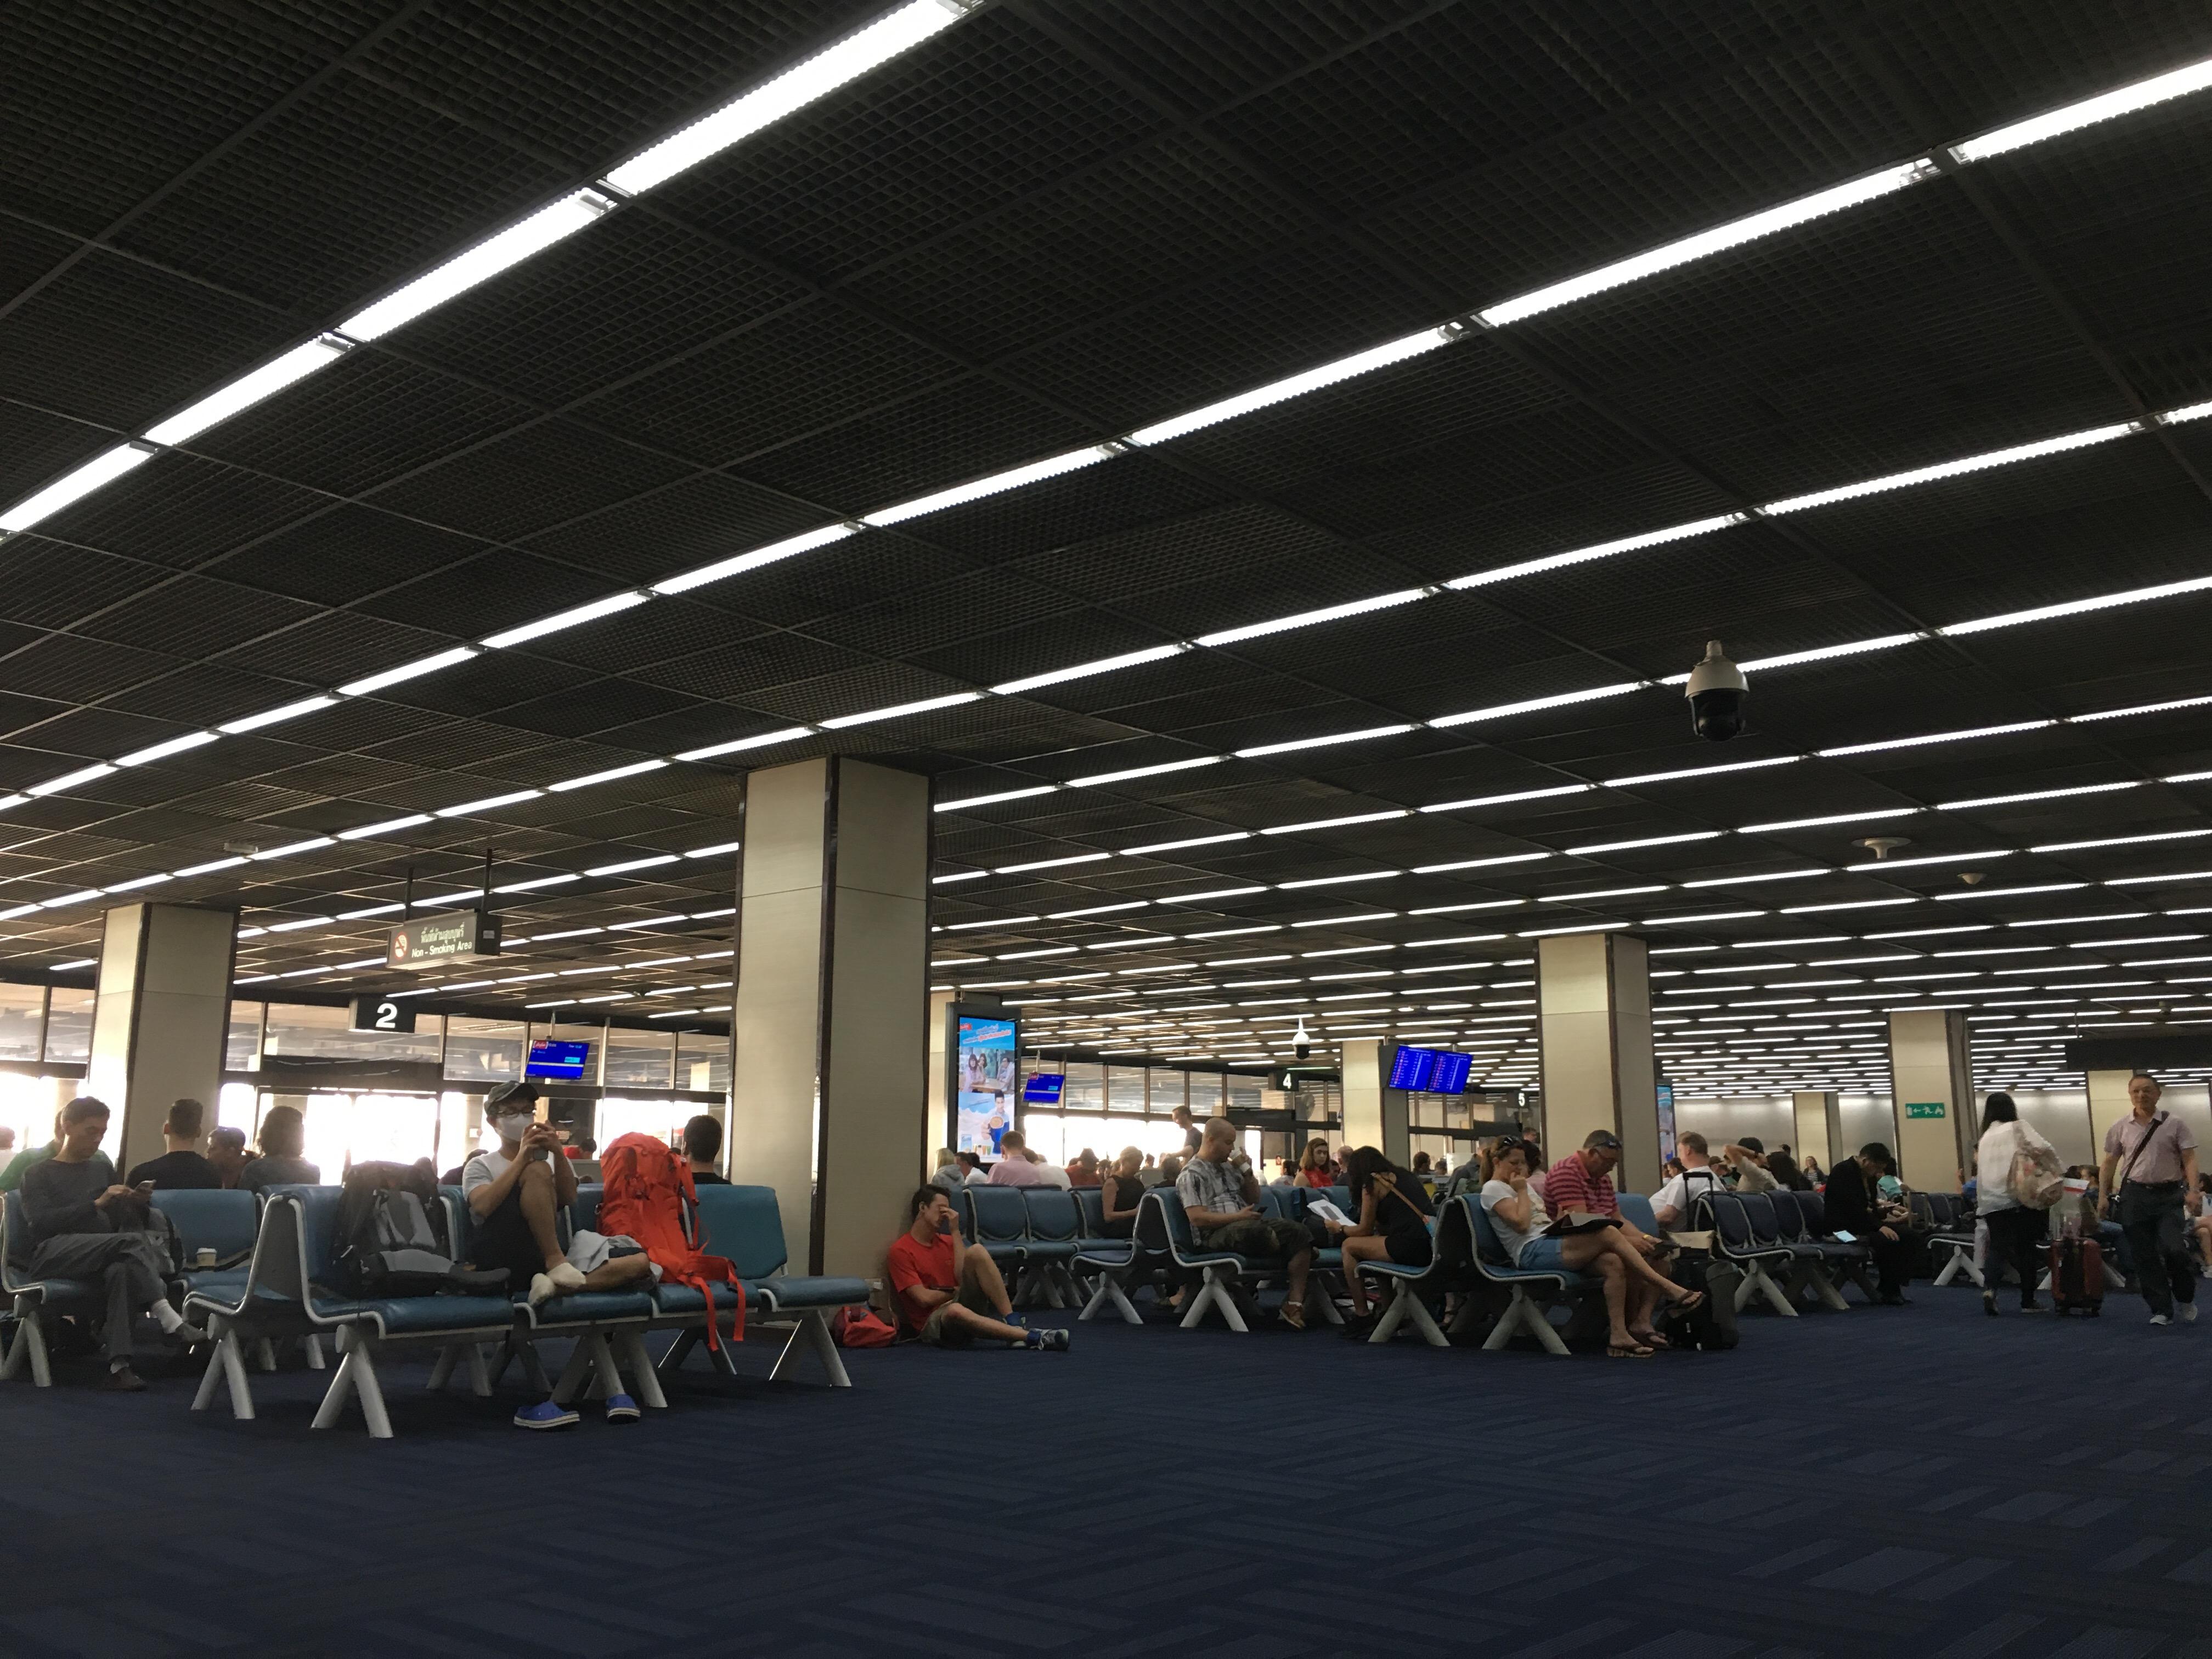 Abflughalle Don Mueang International Airport, Bangkok